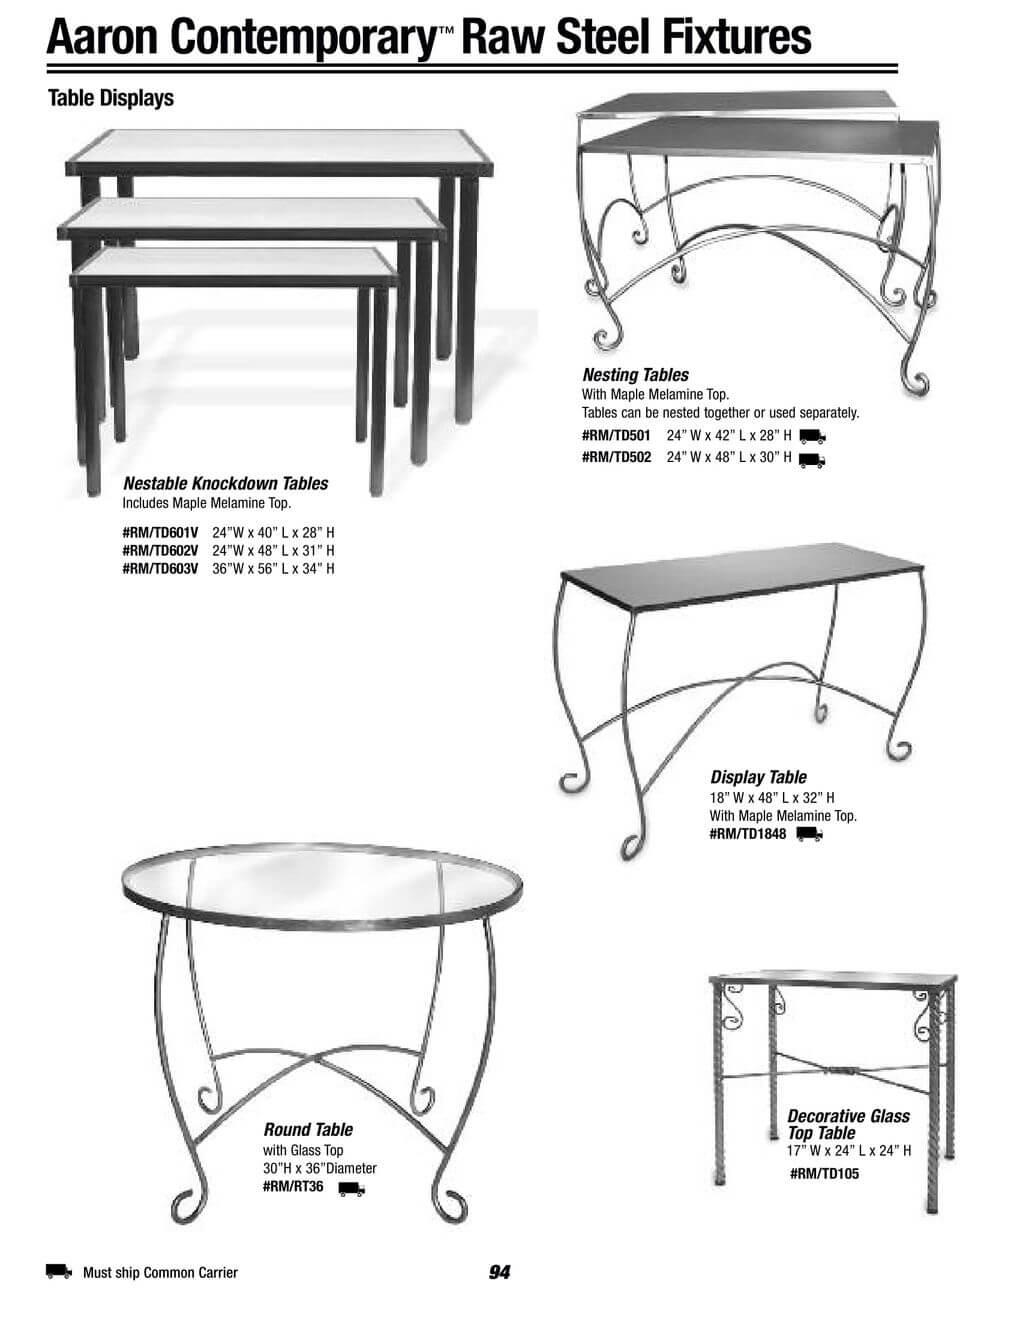 raw steel fixtures